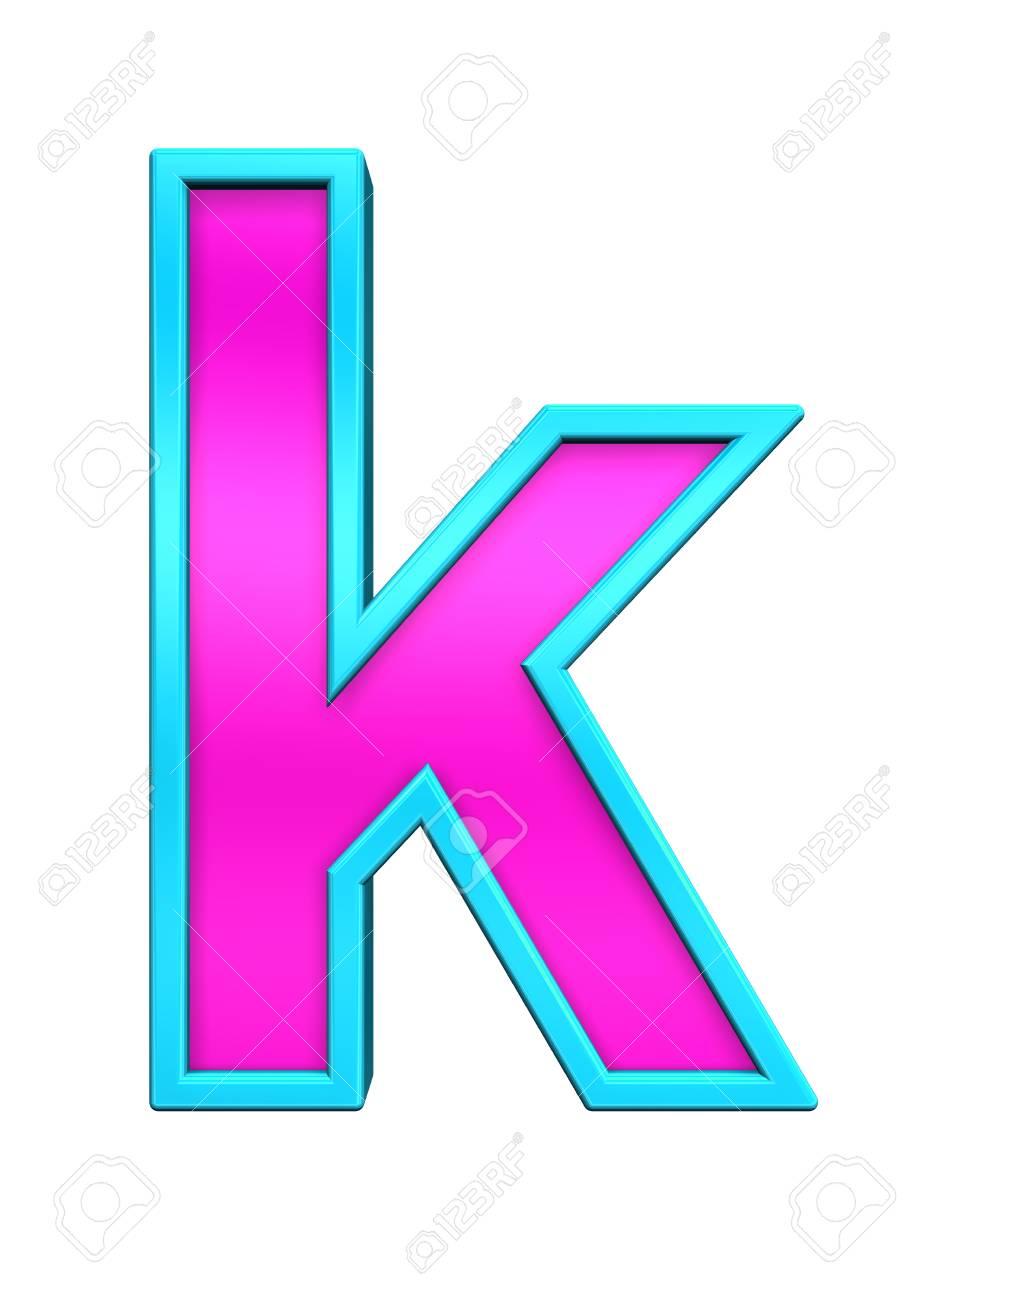 Una Letra Minúscula De Vidrio De Color Rosa Con Azul De Conjuntos De ...